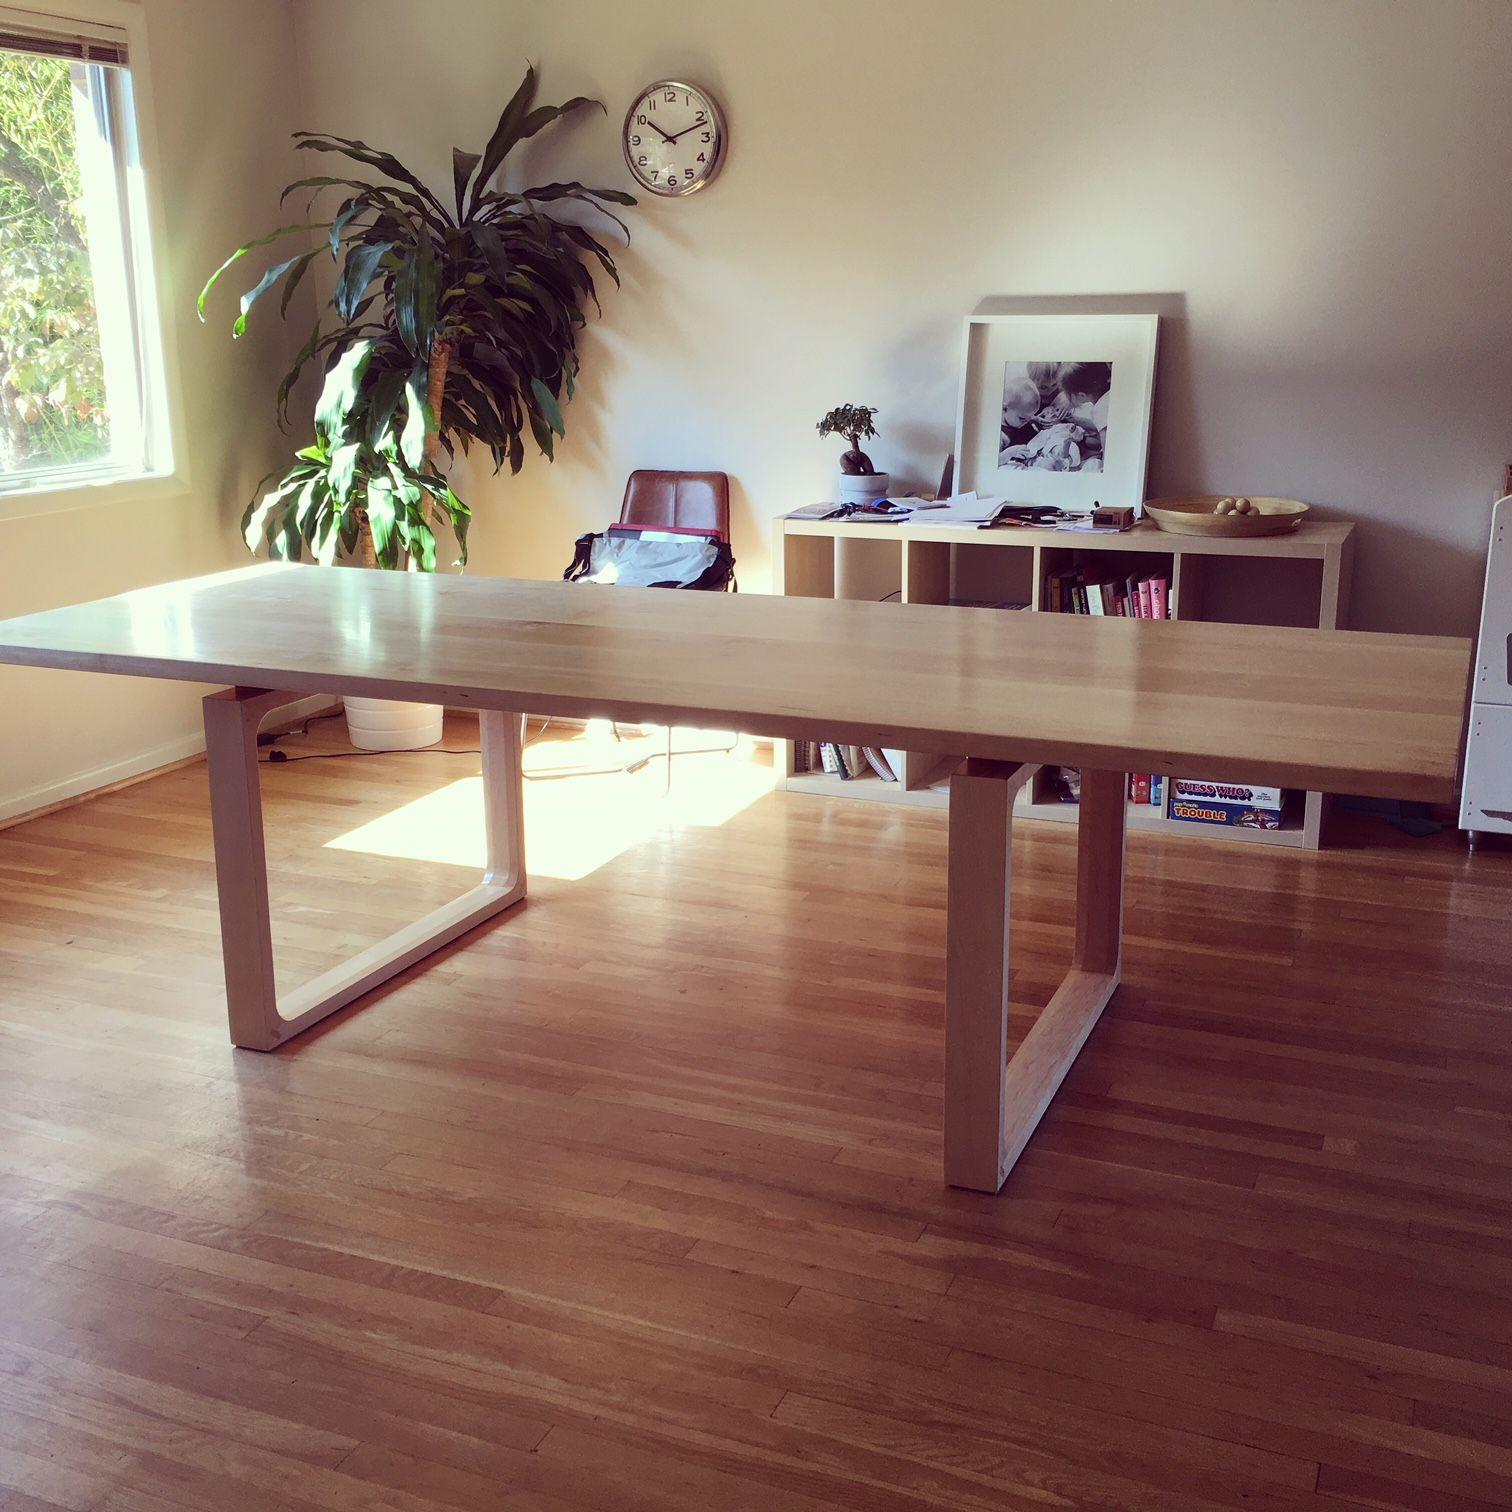 Modern Minimalist Wood Dining Table Novocom Top